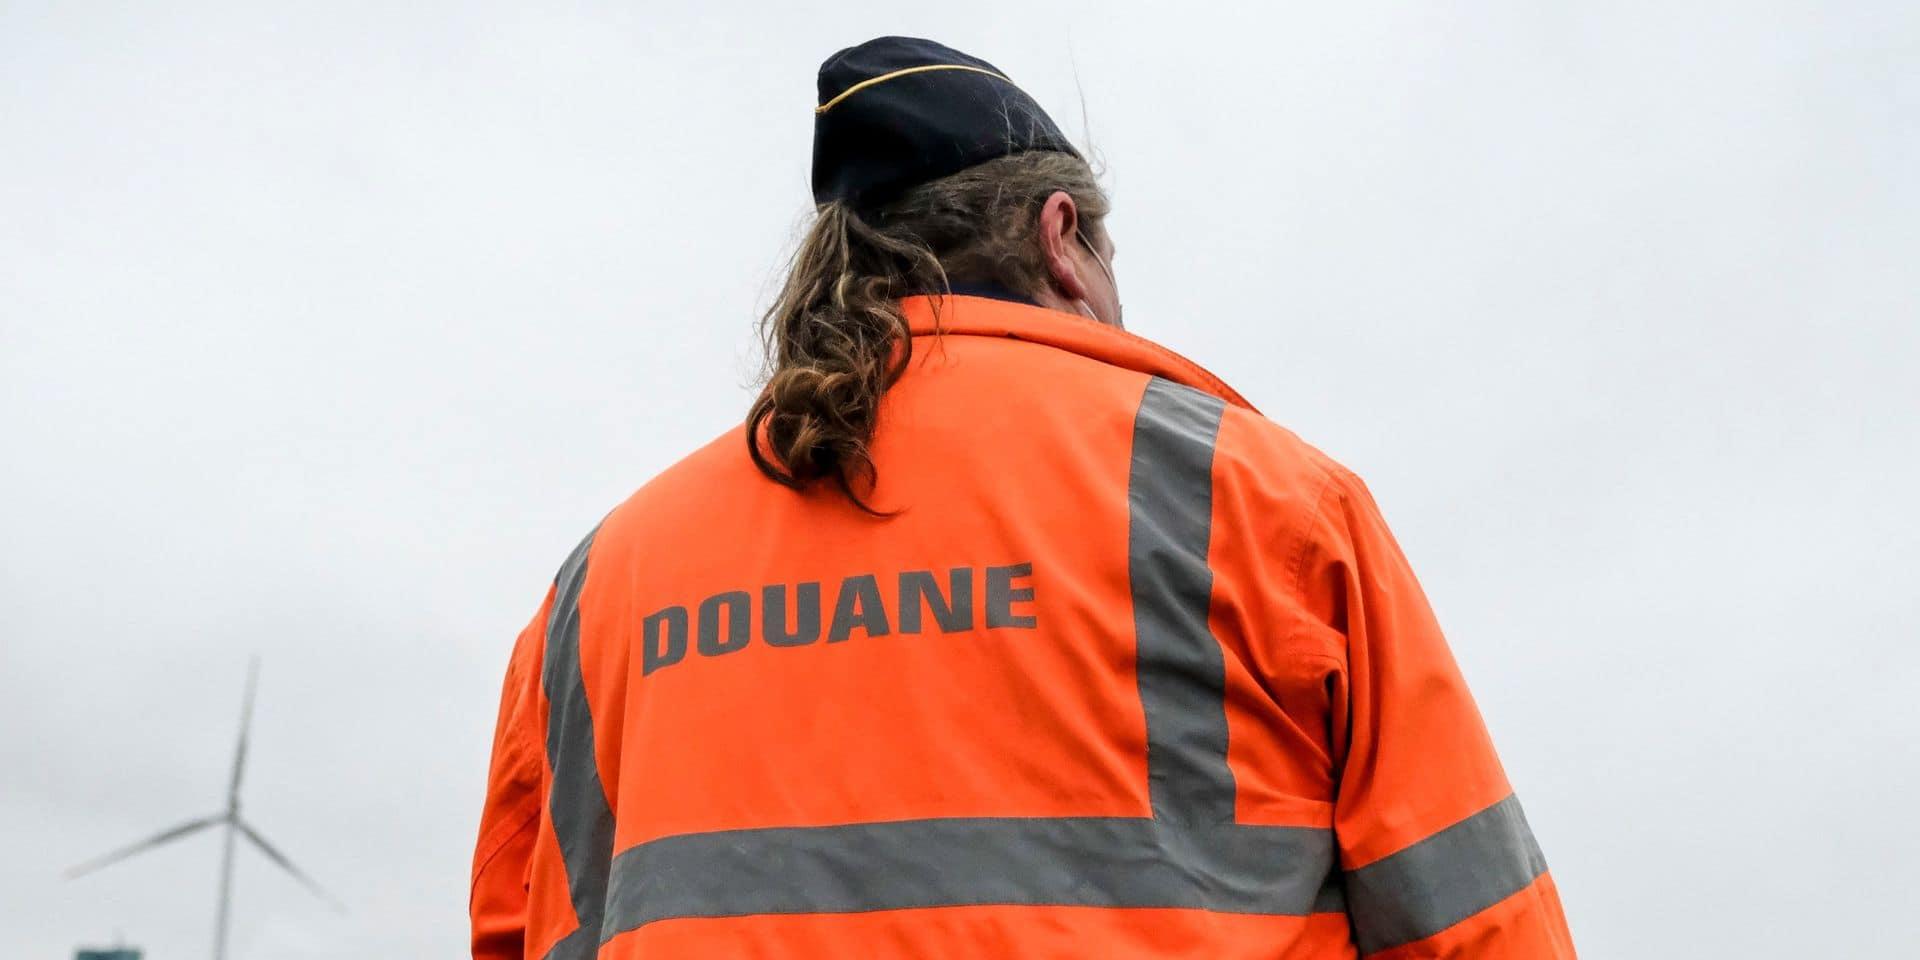 Vaste opération anti-drogue: près de 30 tonnes de cocaïne liées à l'enquête Sky interceptées à Anvers